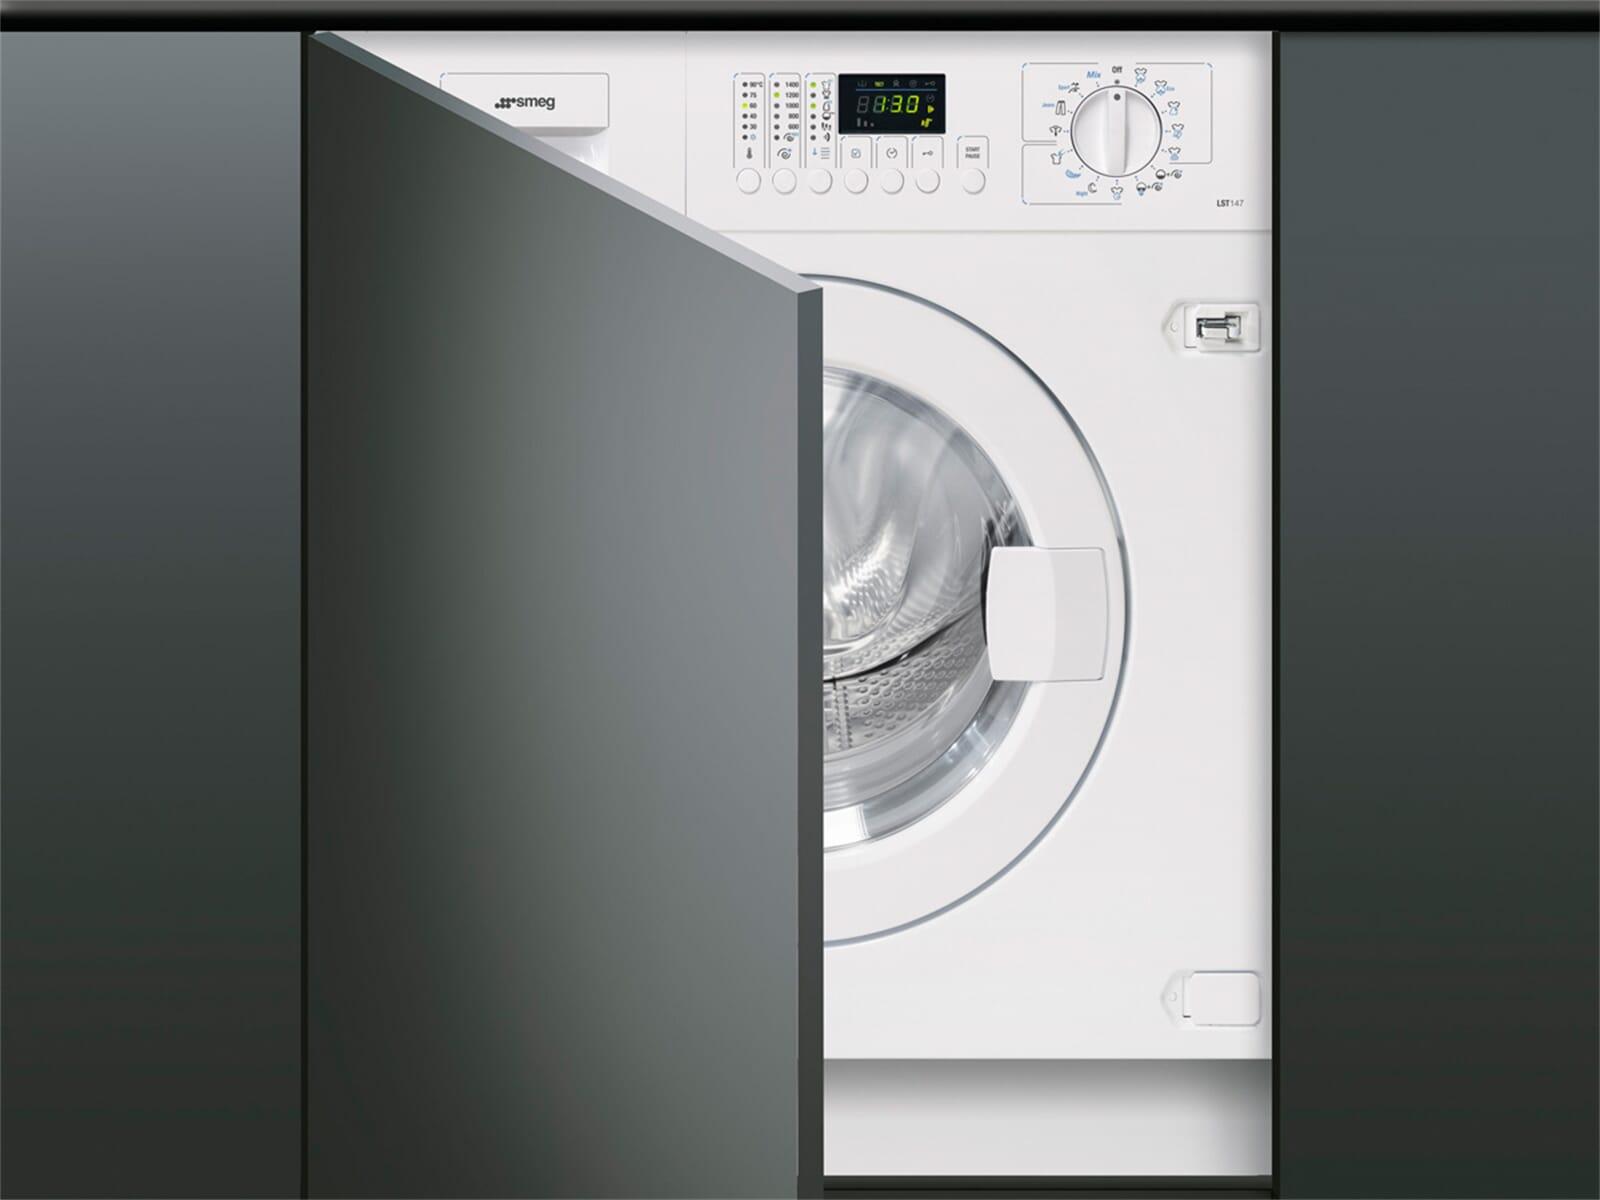 Smeg LST147 Einbauwaschmaschine